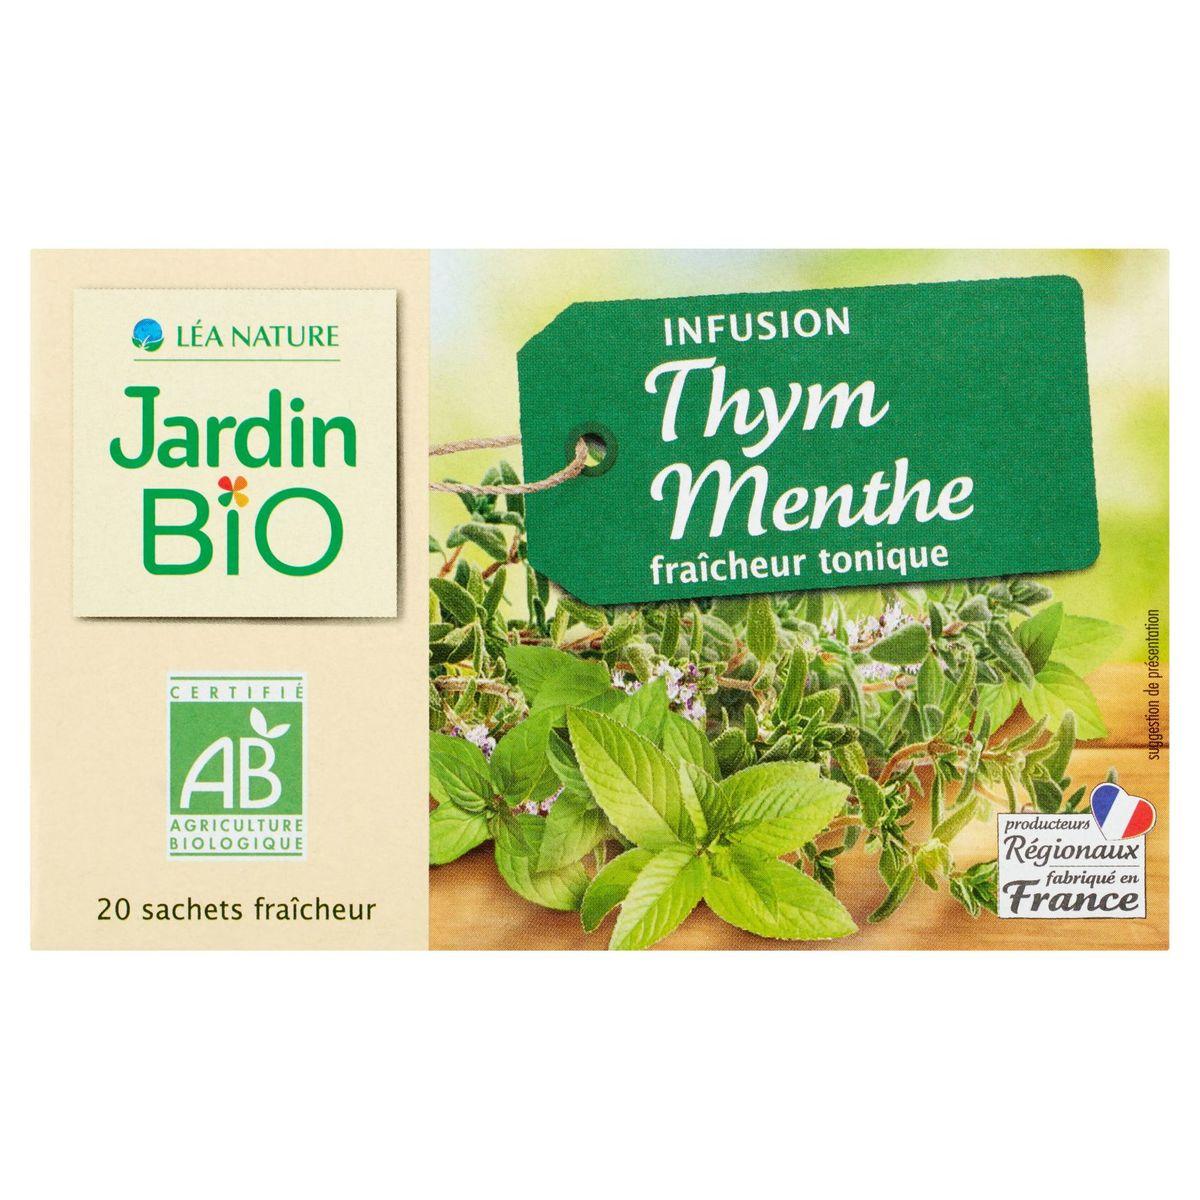 Jardin BiO ētic Infusion Thym Menthe Fraîcheur Tonique 30 g